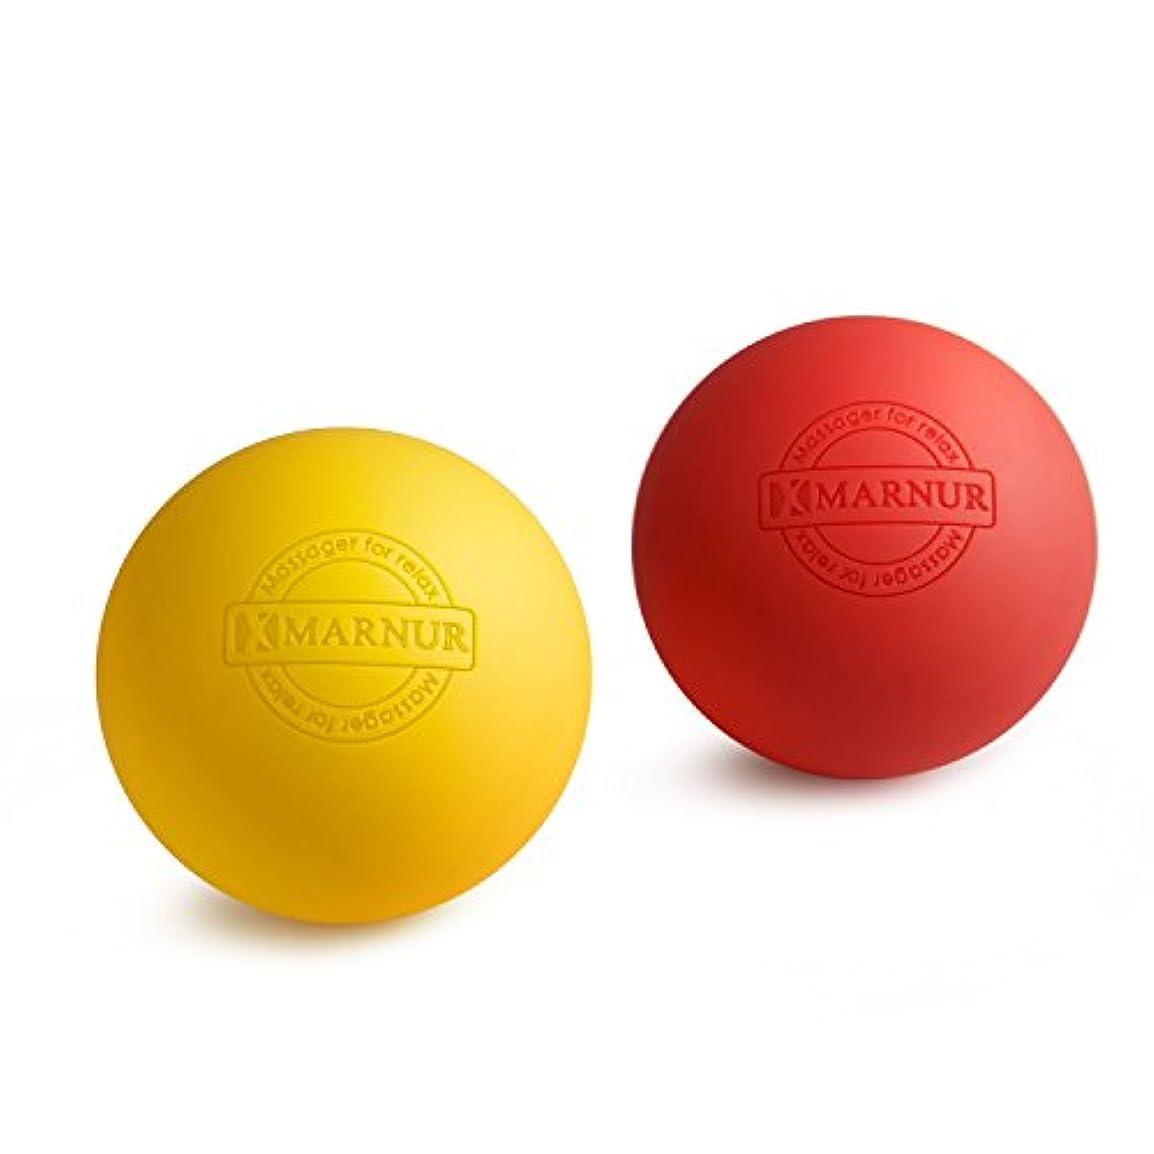 爆発する喉が渇いた理解MARNUR マッサージボール ストレッチボール トリガーポイント 筋膜リリース トレーニング 背中 肩こり 腰 ふくらはぎ 足裏 ツボ押しグッズ 2で1組み合わせ